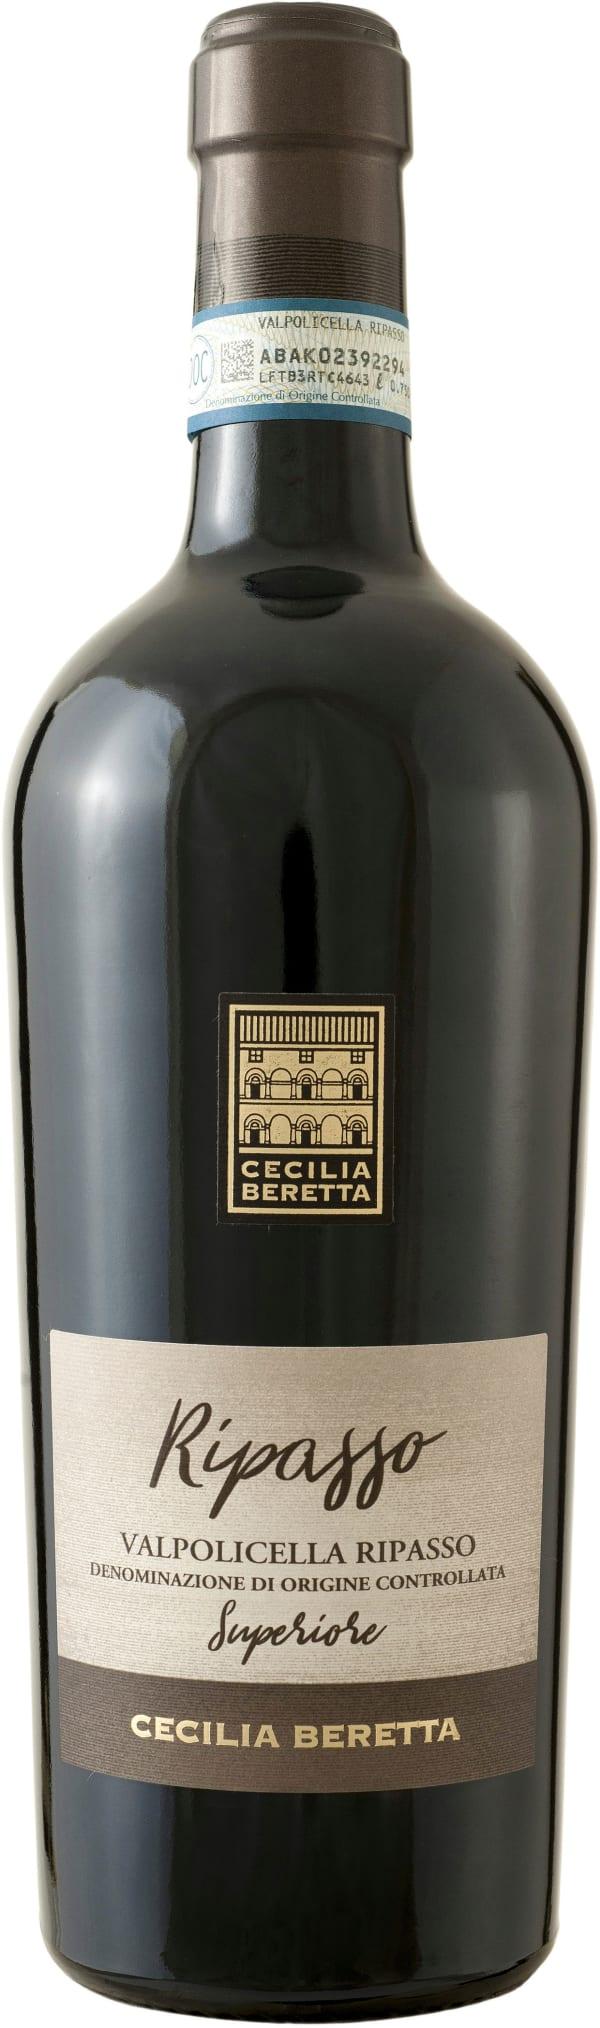 Cecilia Beretta Valpolicella Superiore Ripasso 2018 gift packaging